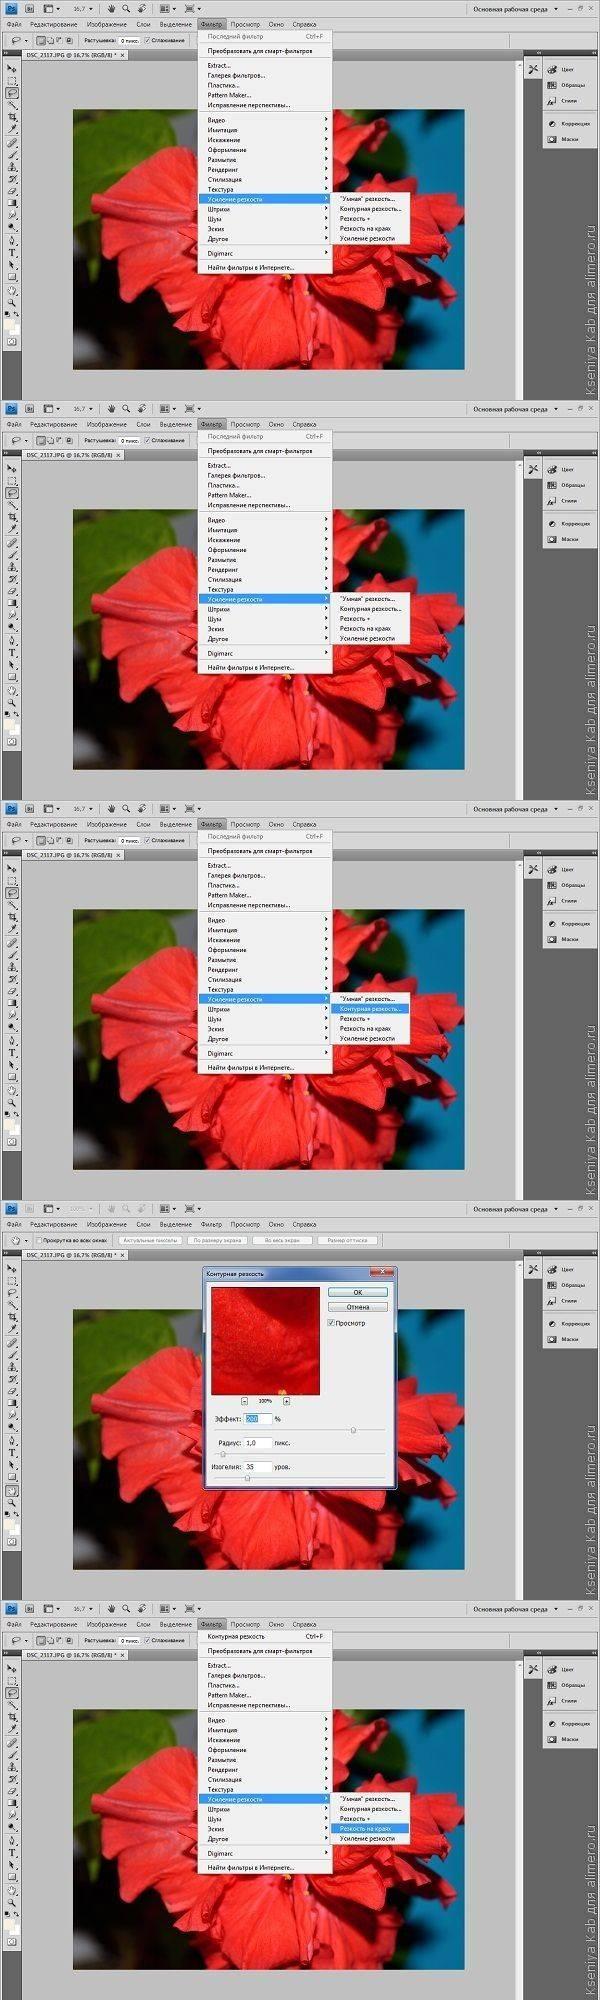 Базовая обработка фото в Photoshop. Часть 2